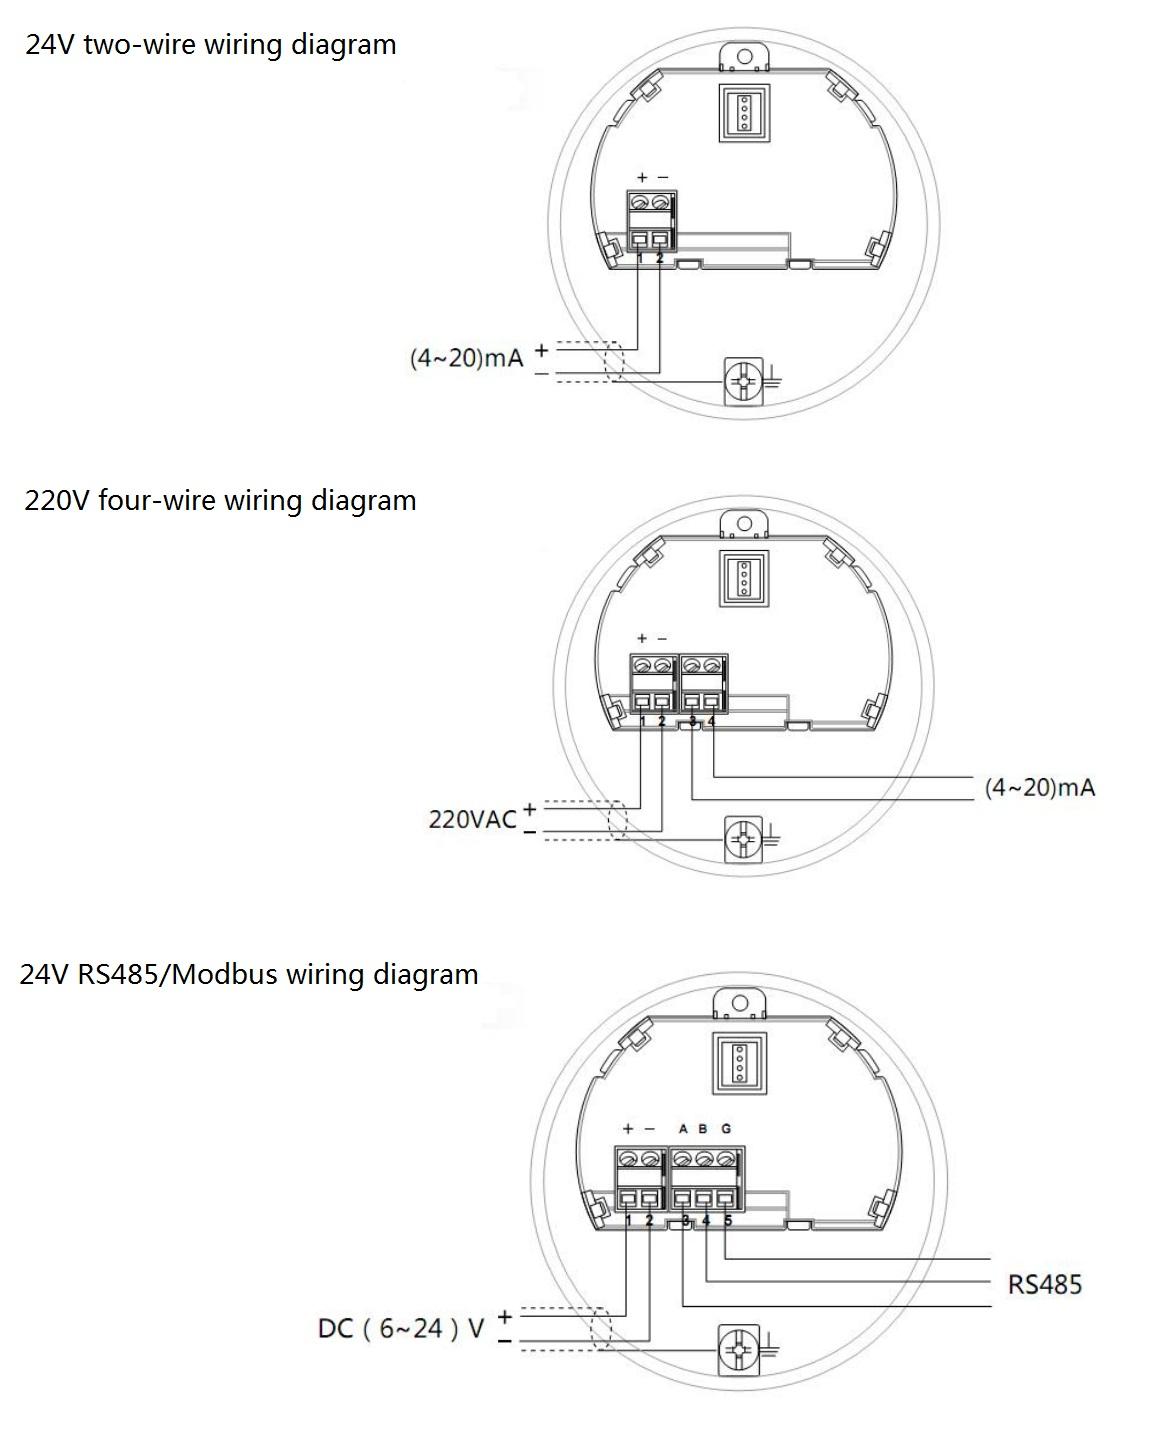 DCRD1000B La Misura di Livello Radar Fmcw per Raffinati Asfalto Sensore di Livello Del Serbatoio Grezzo Catrame Disidratazione Indicatore di Livello